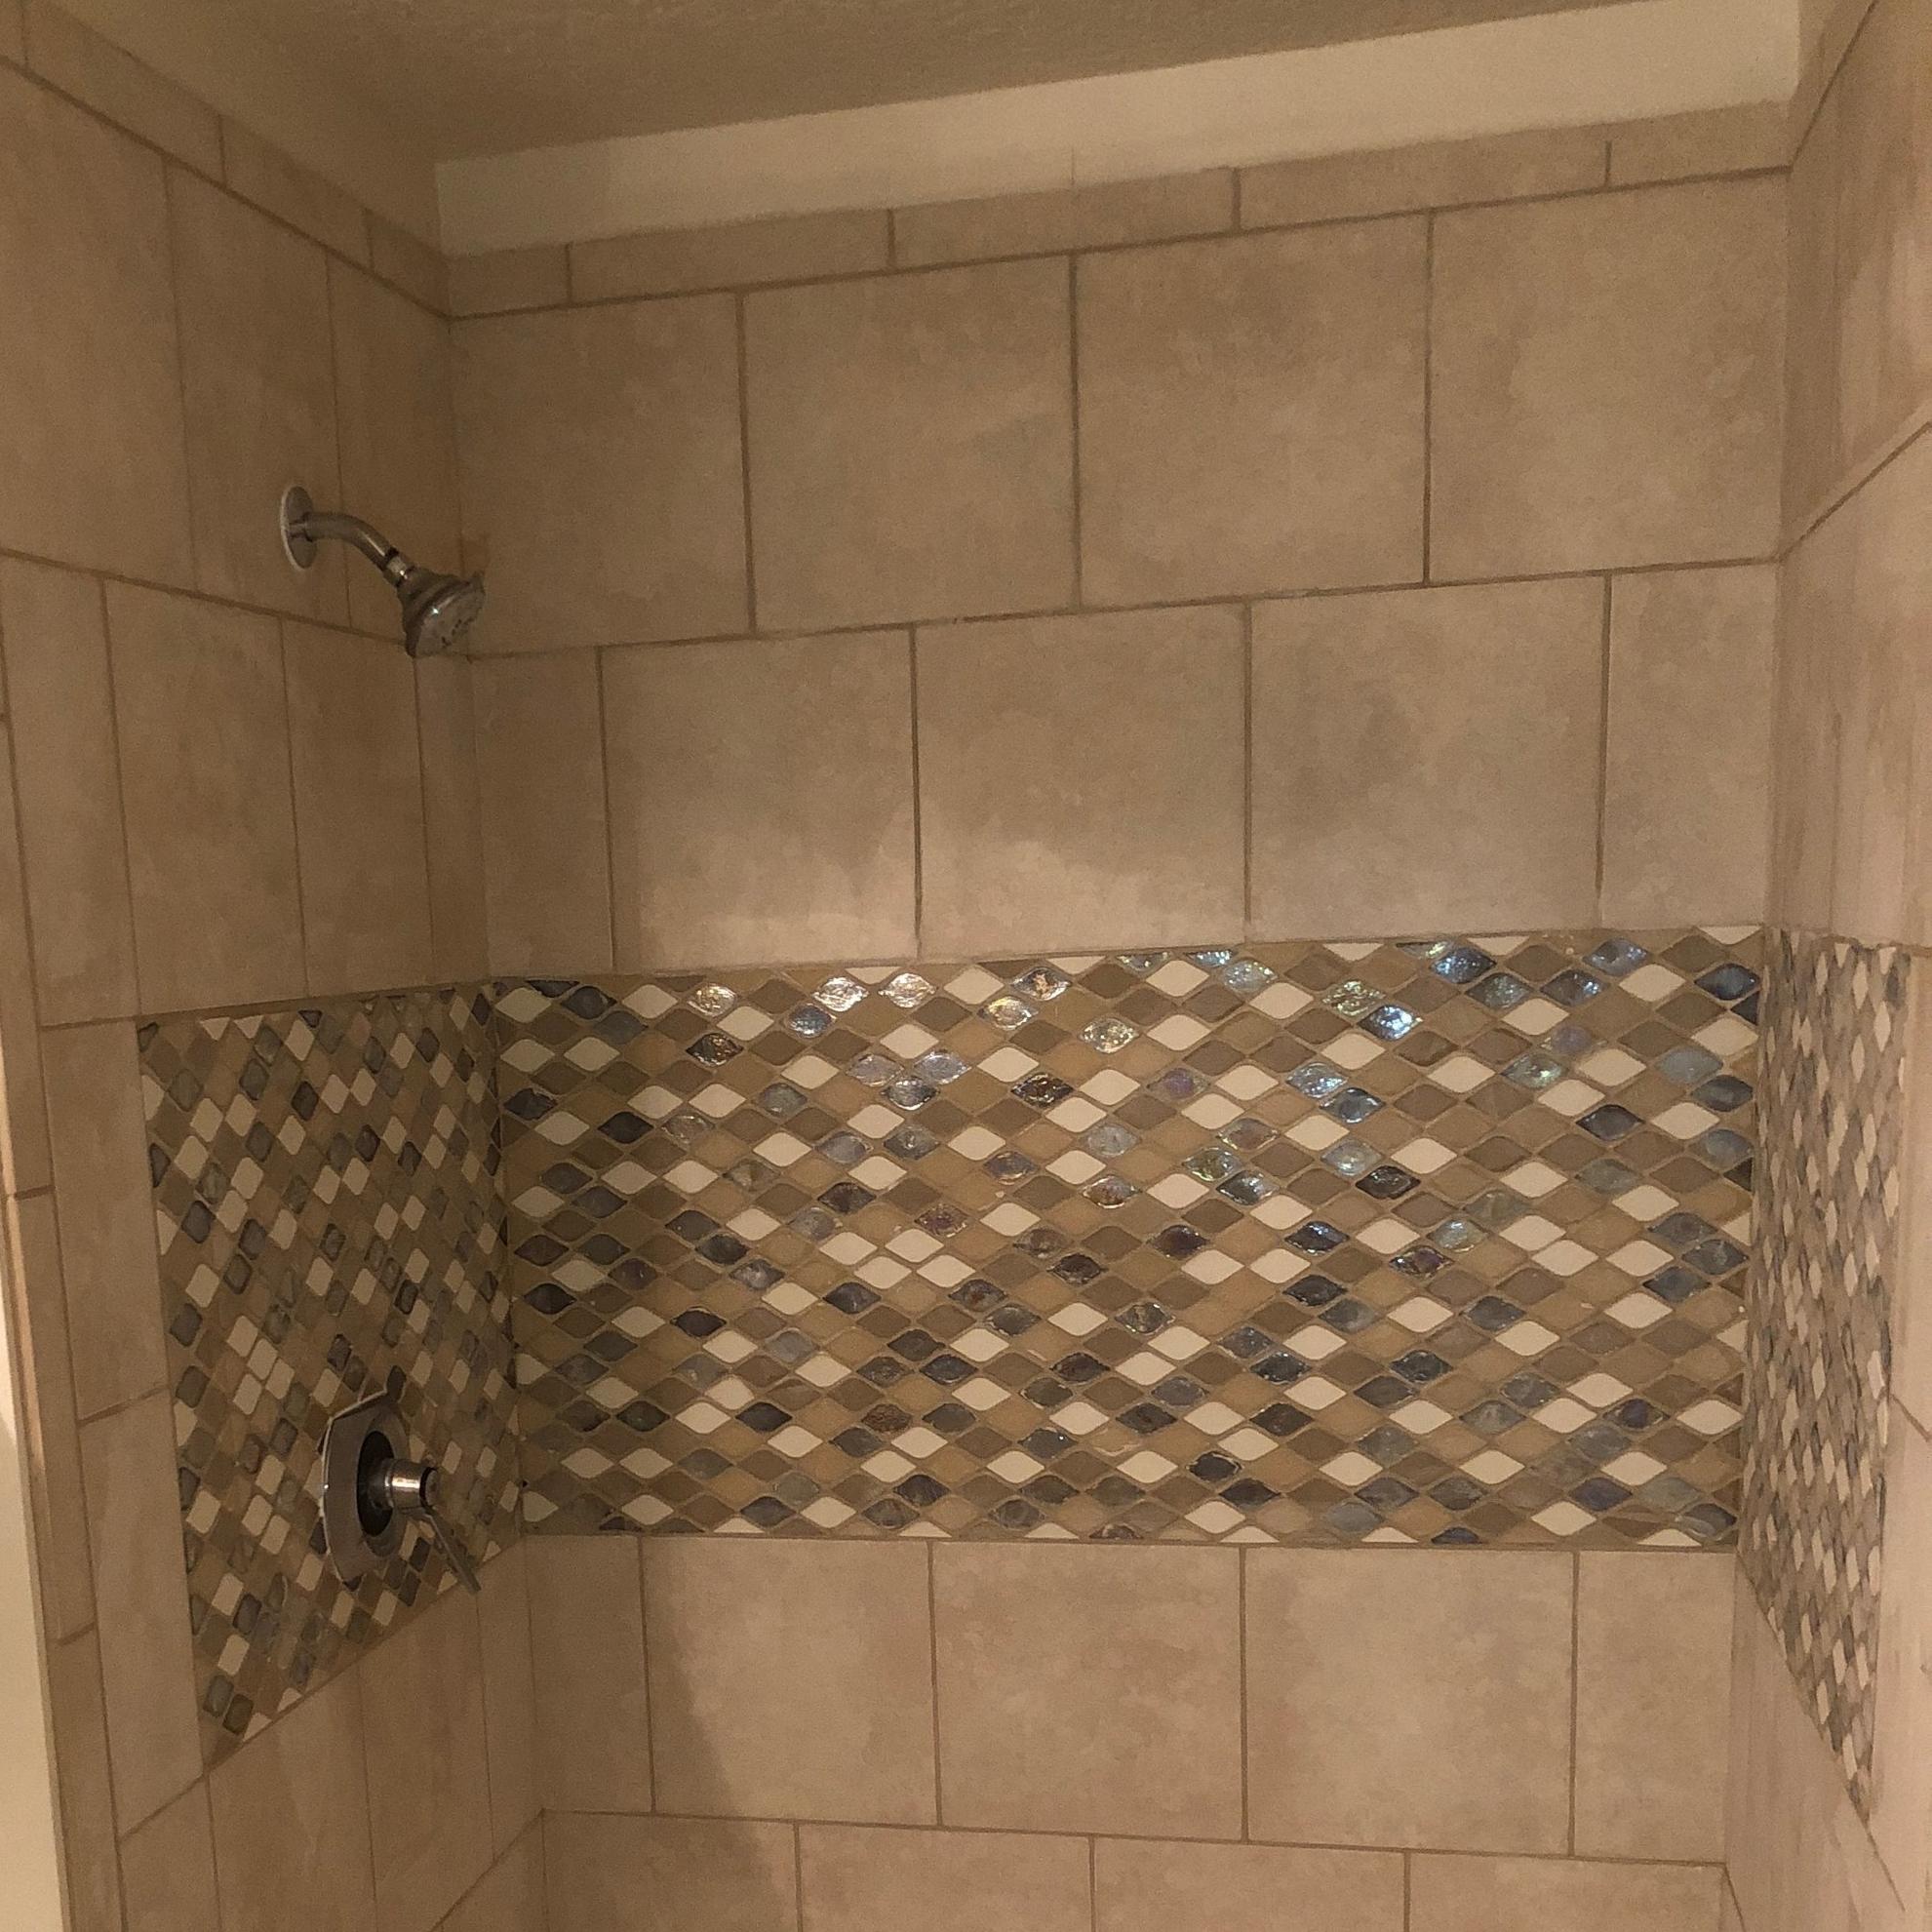 Shower remodel -